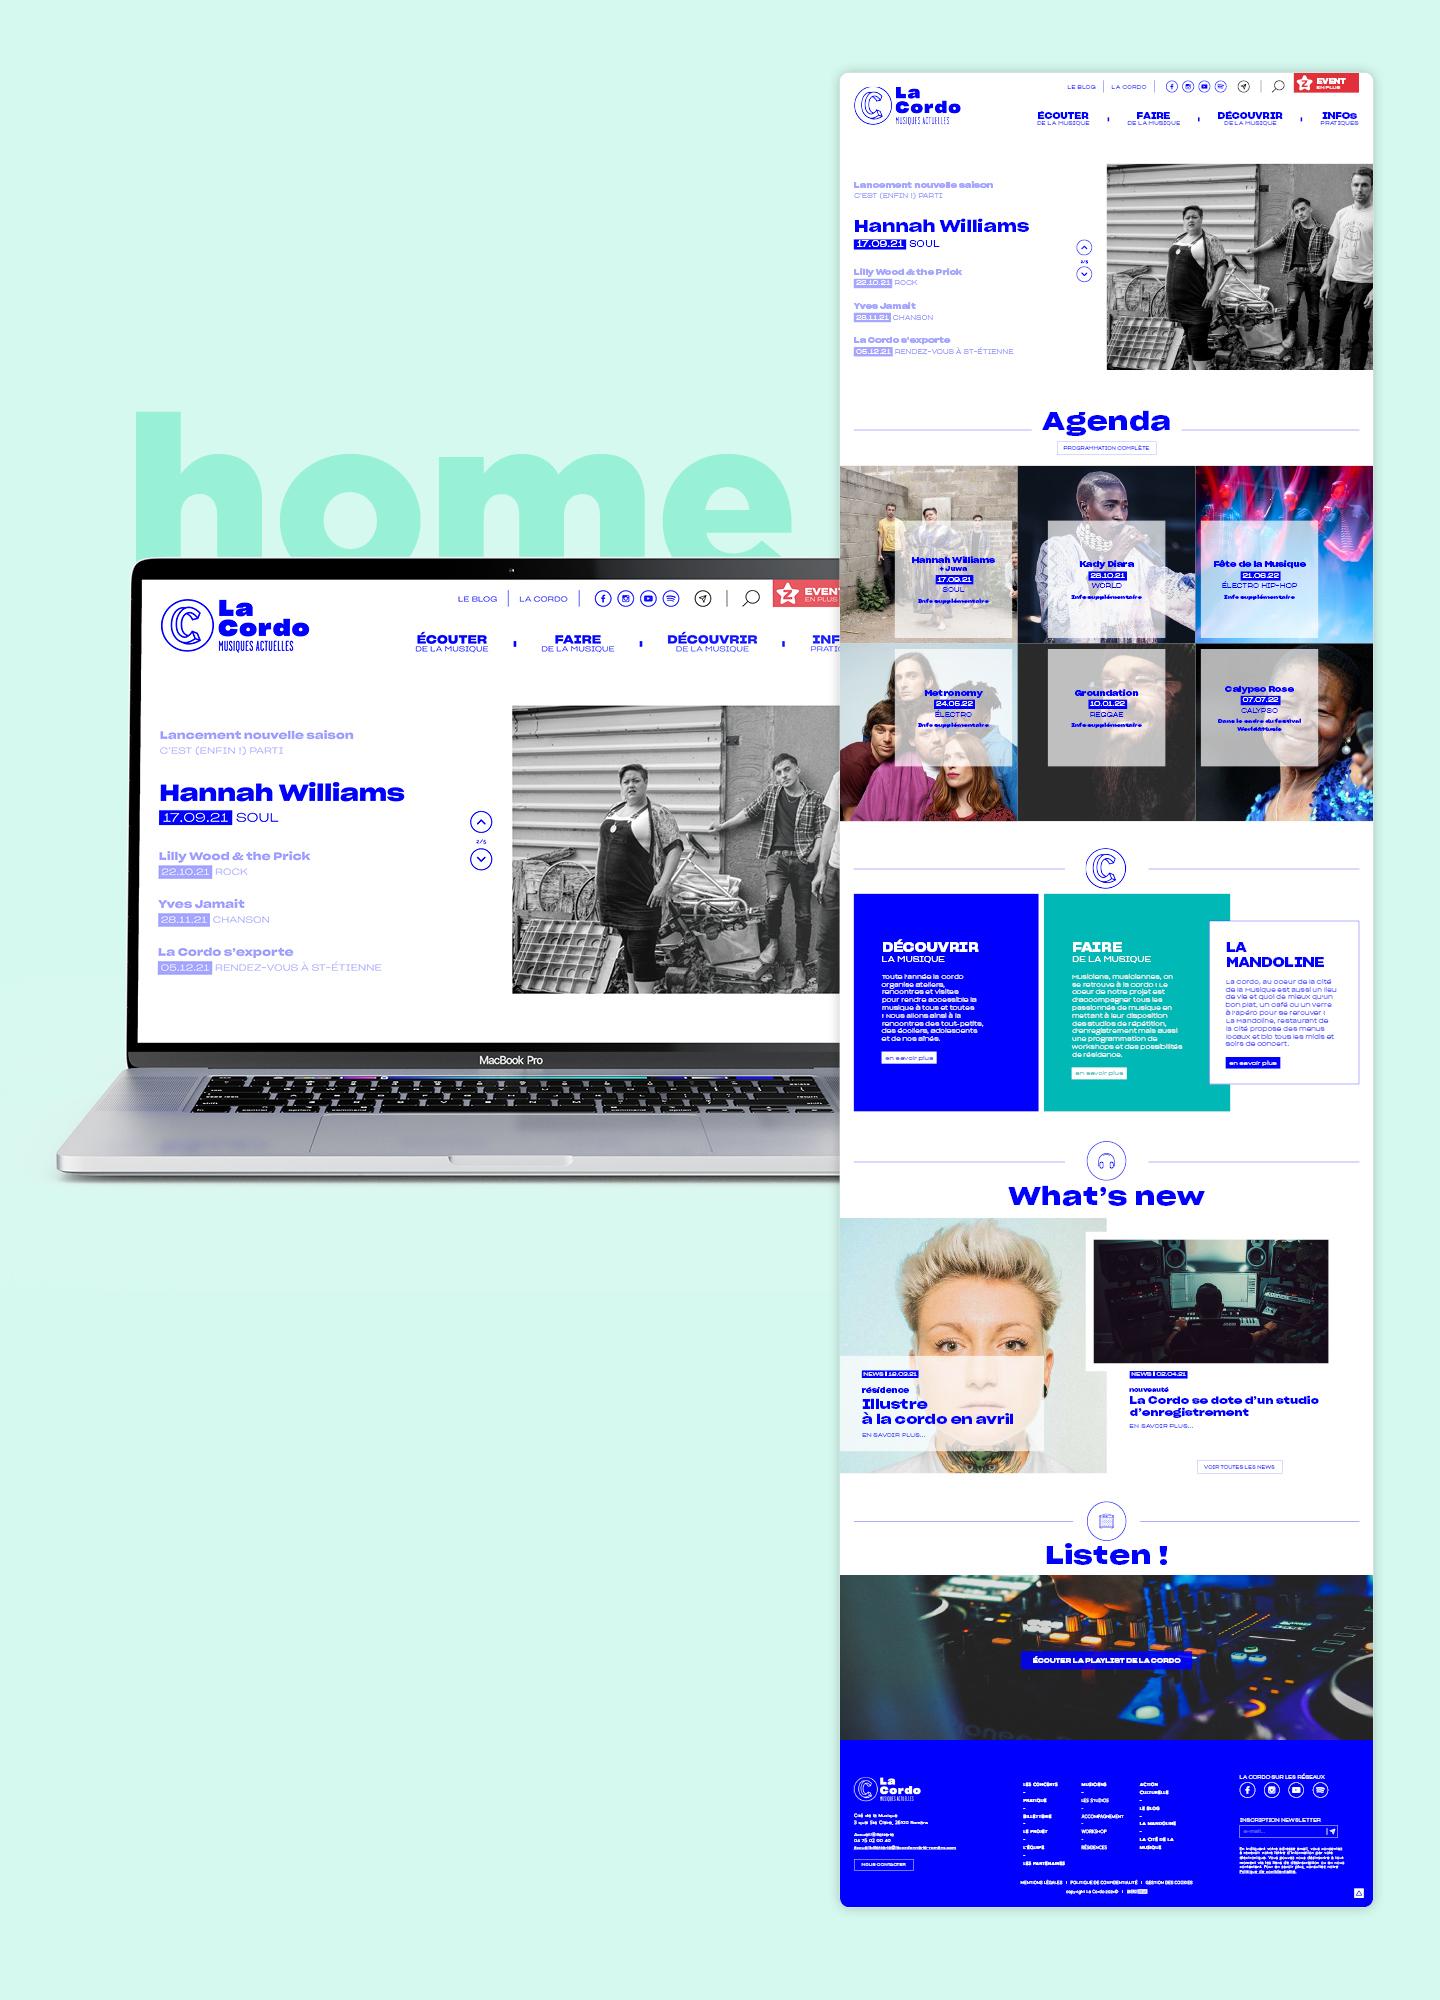 Webdesign de la home page du site web la cordo